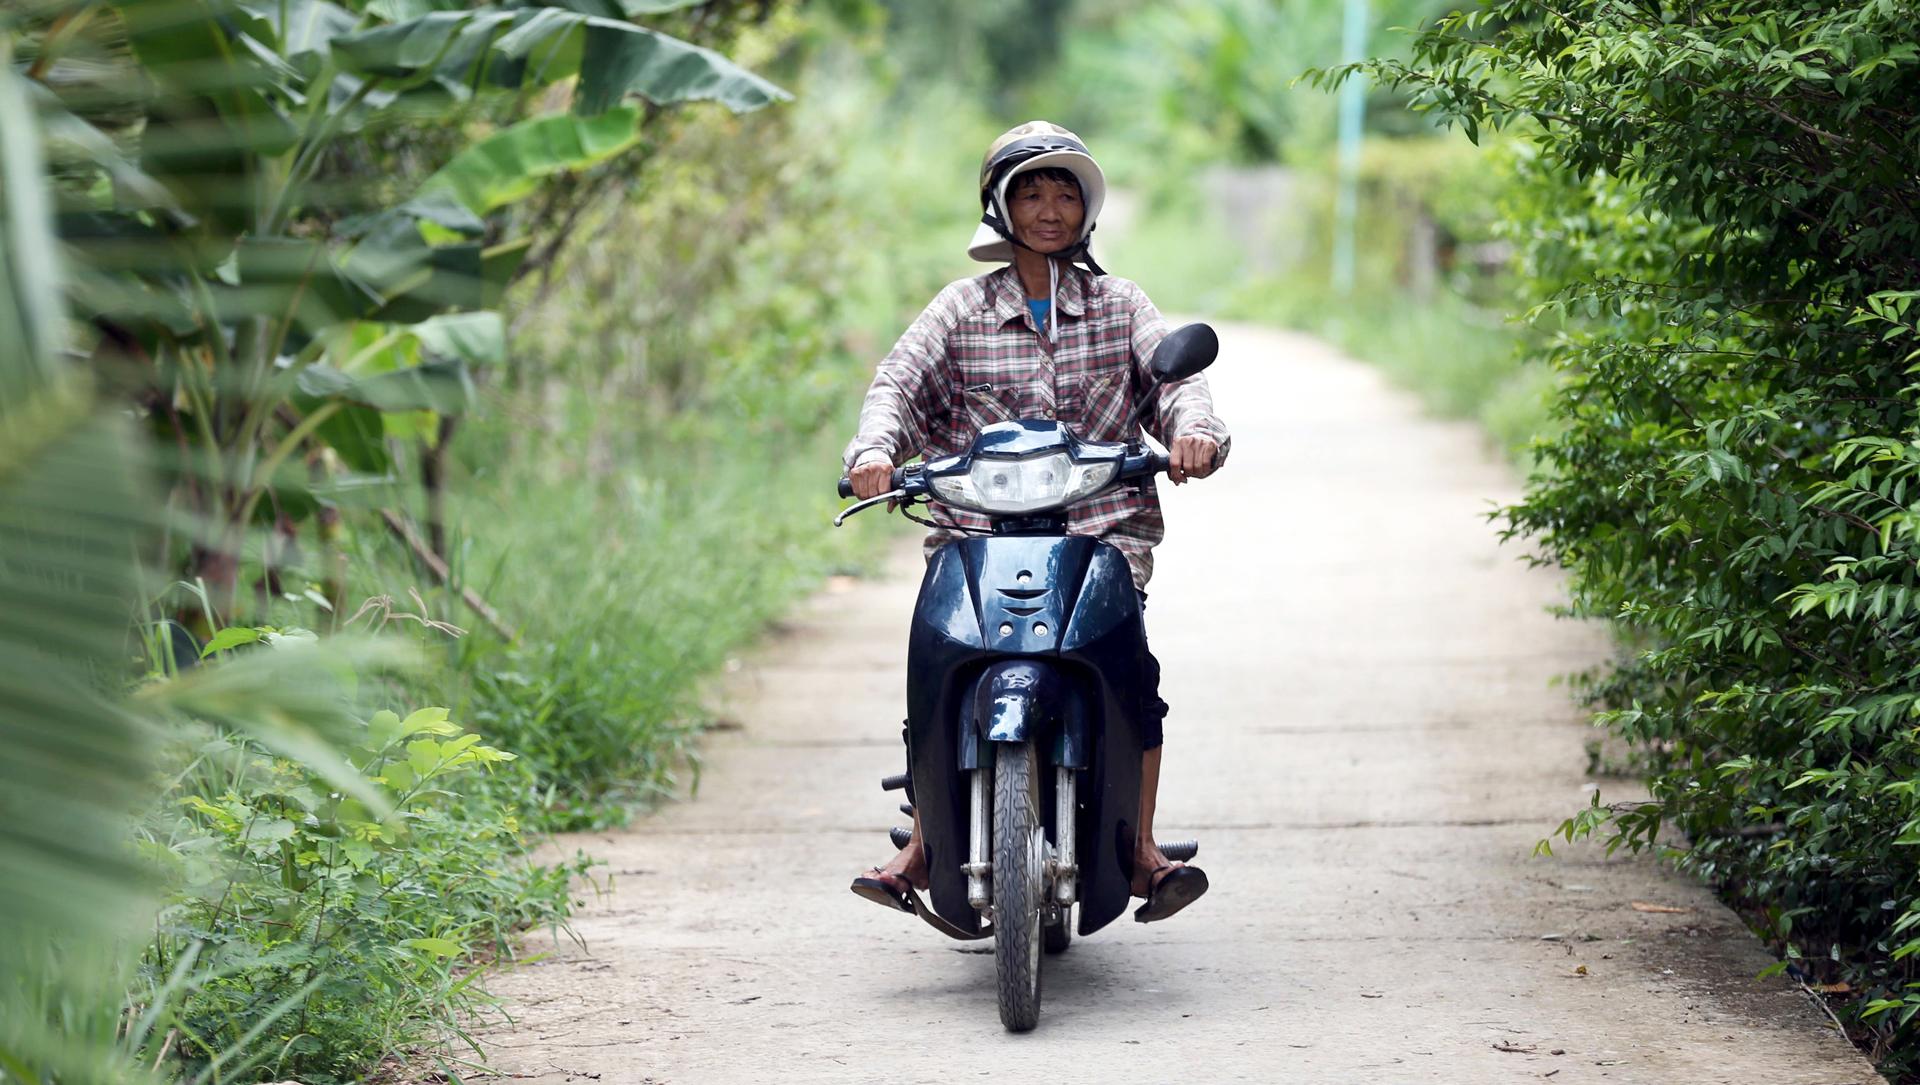 hàng ngày, bà phải chạy xe gắn máy hàng cây số từ điểm này qua điểm khác để dạy bơi cho học trò mà không lấy một đồng.